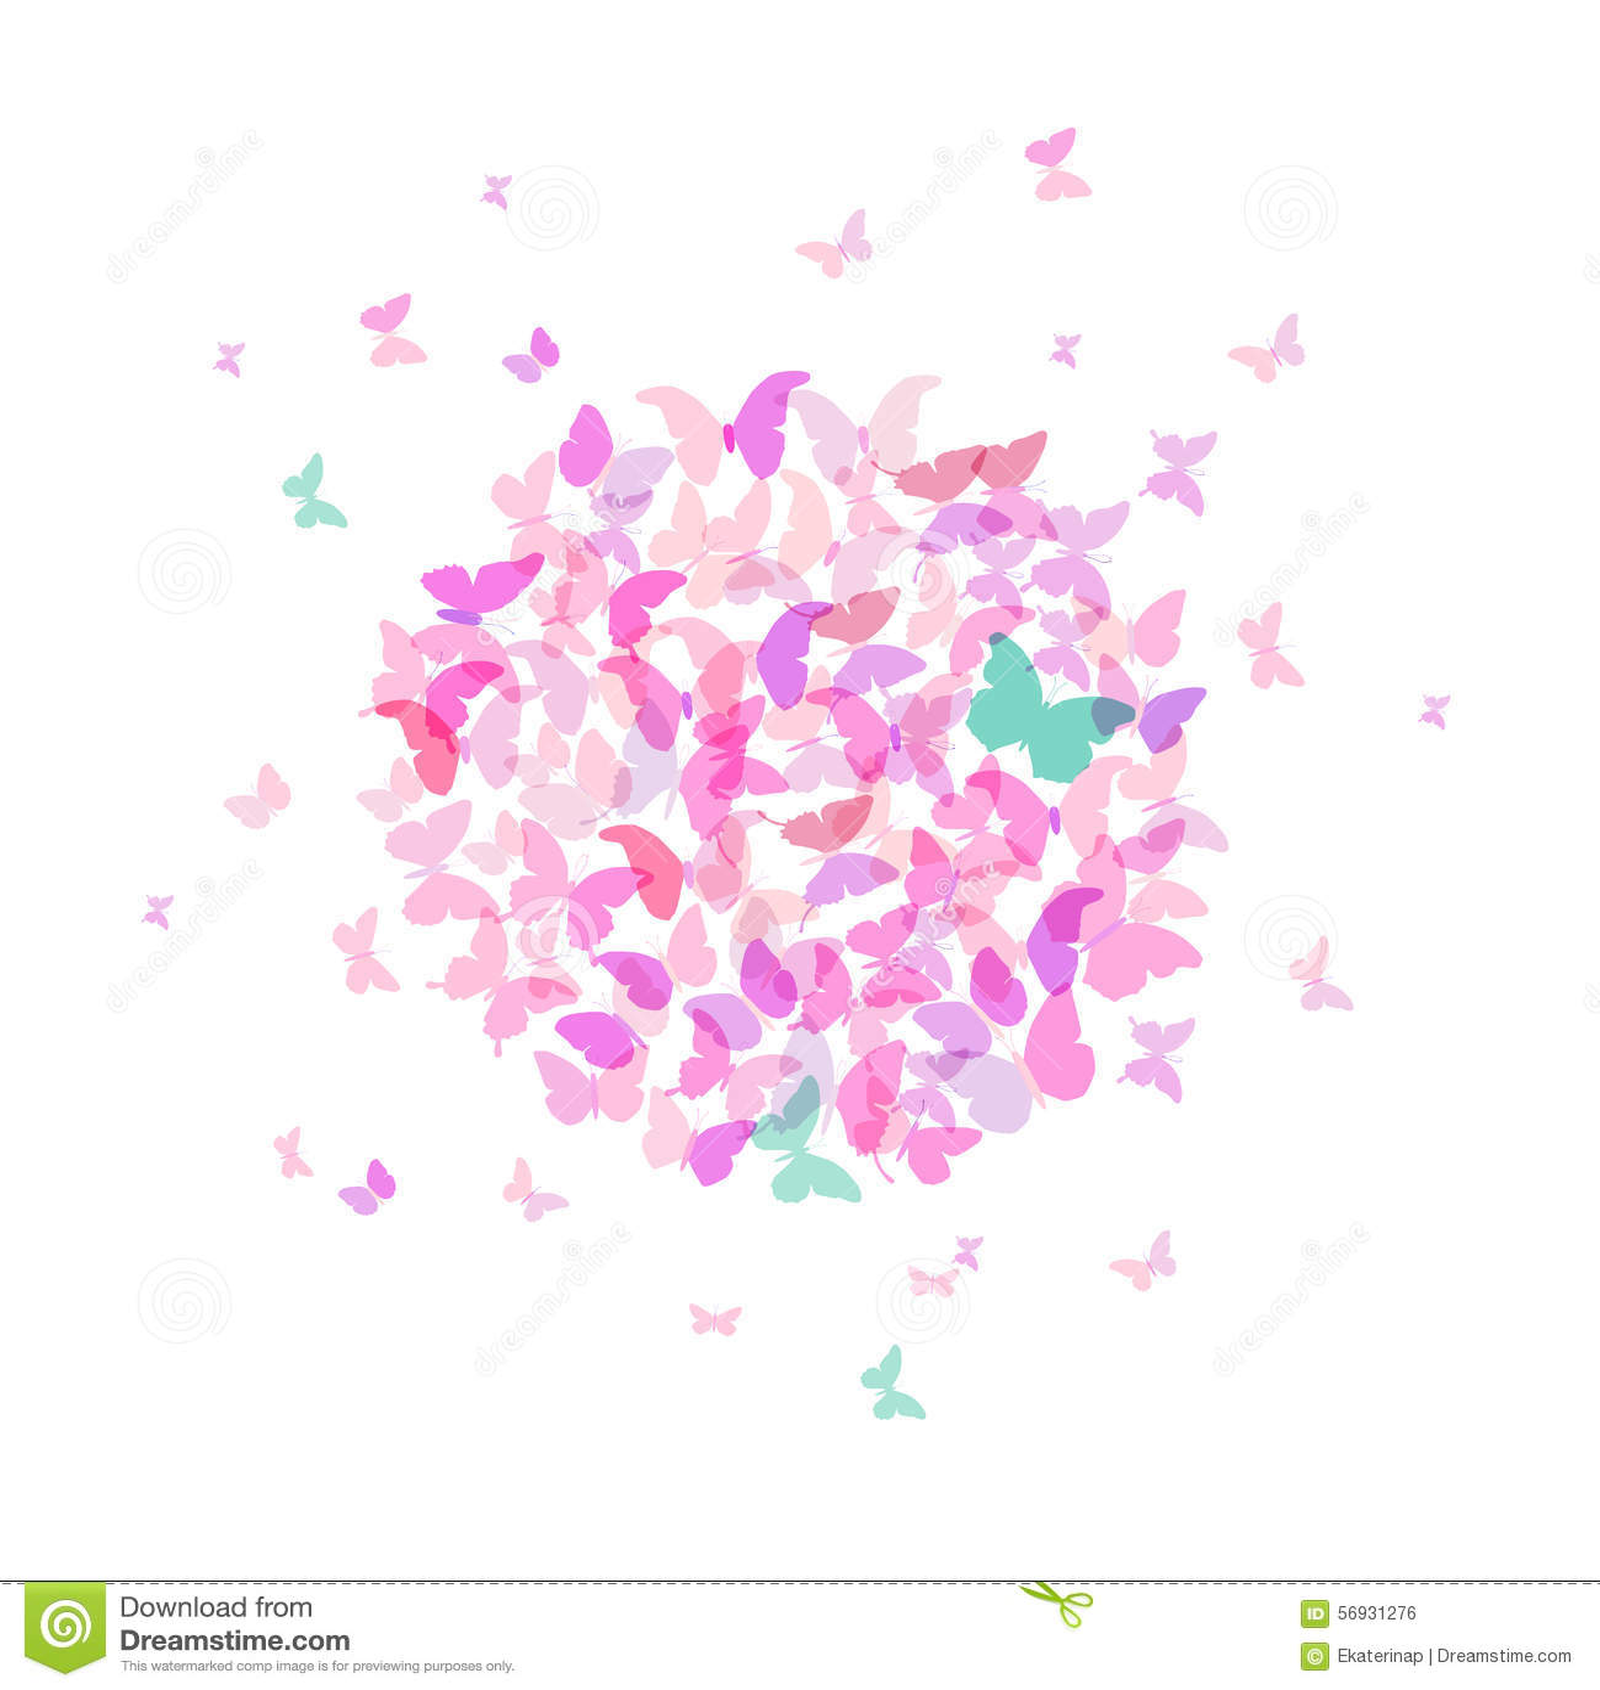 banni re ronde d 39 t design de carte papillon rose color sur le fond blanc vecteur. Black Bedroom Furniture Sets. Home Design Ideas